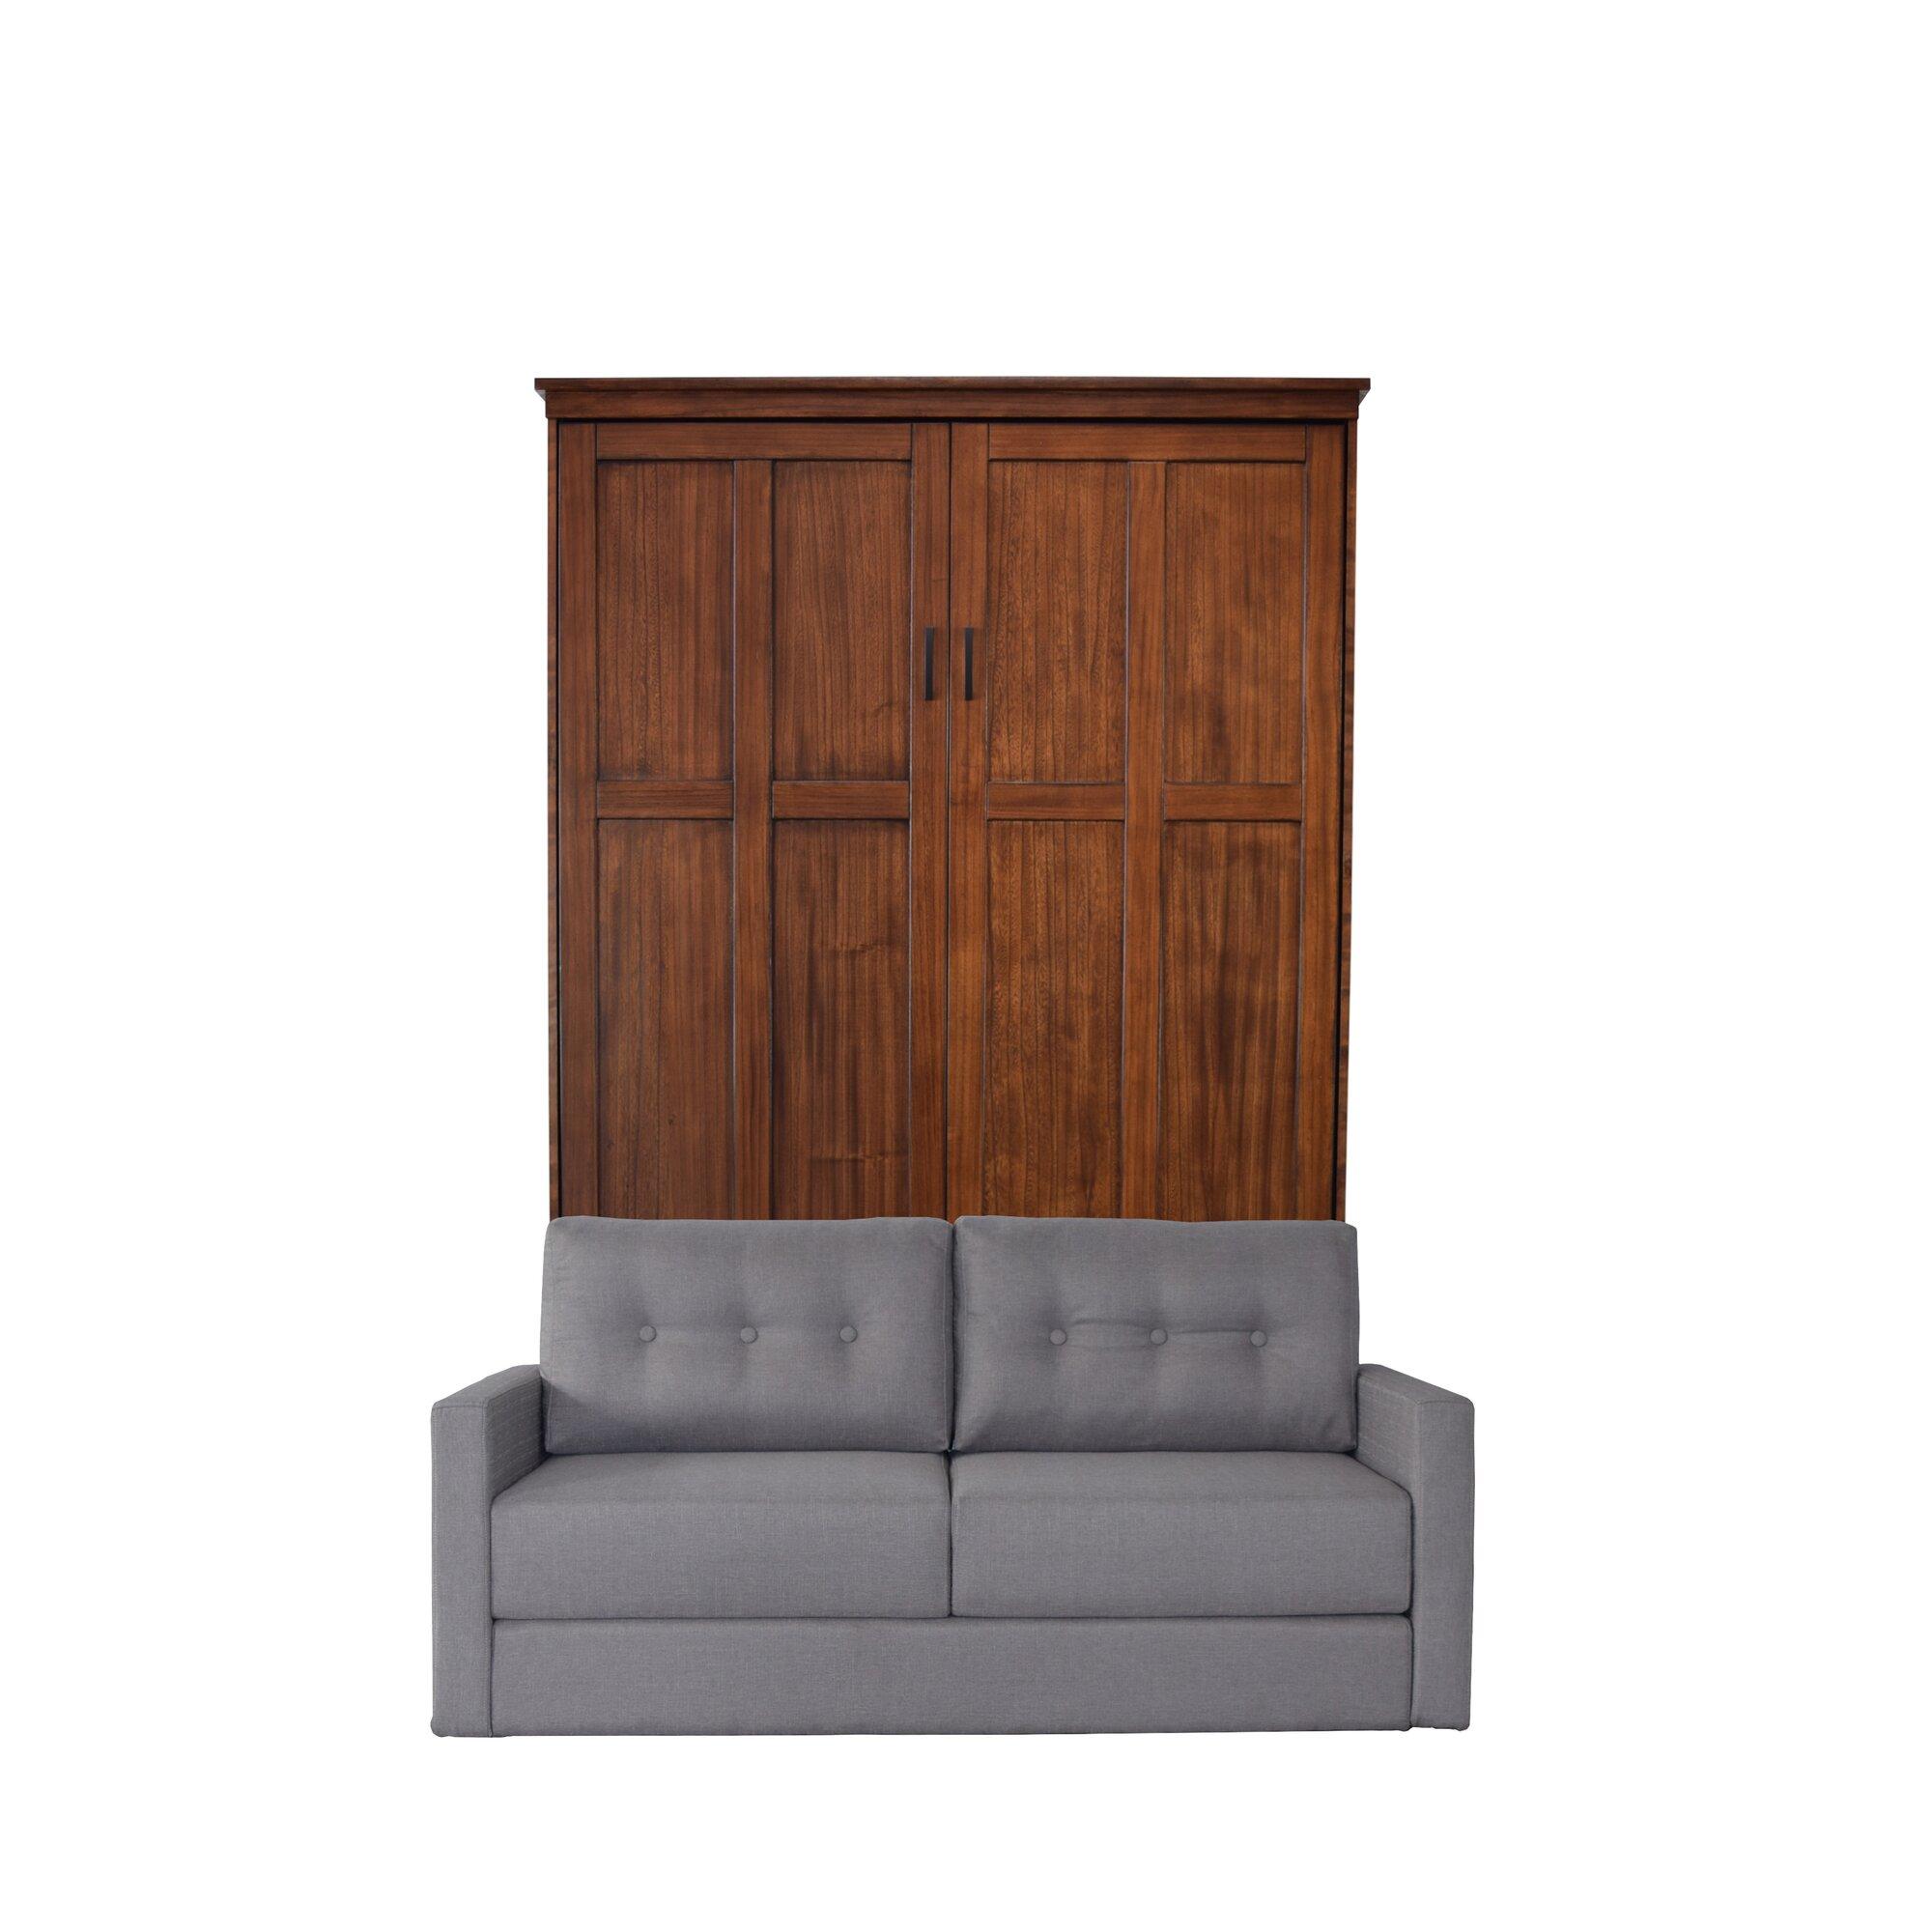 Red Barrel Studio Merrionette Queen Murphy Bed with Sofa ...